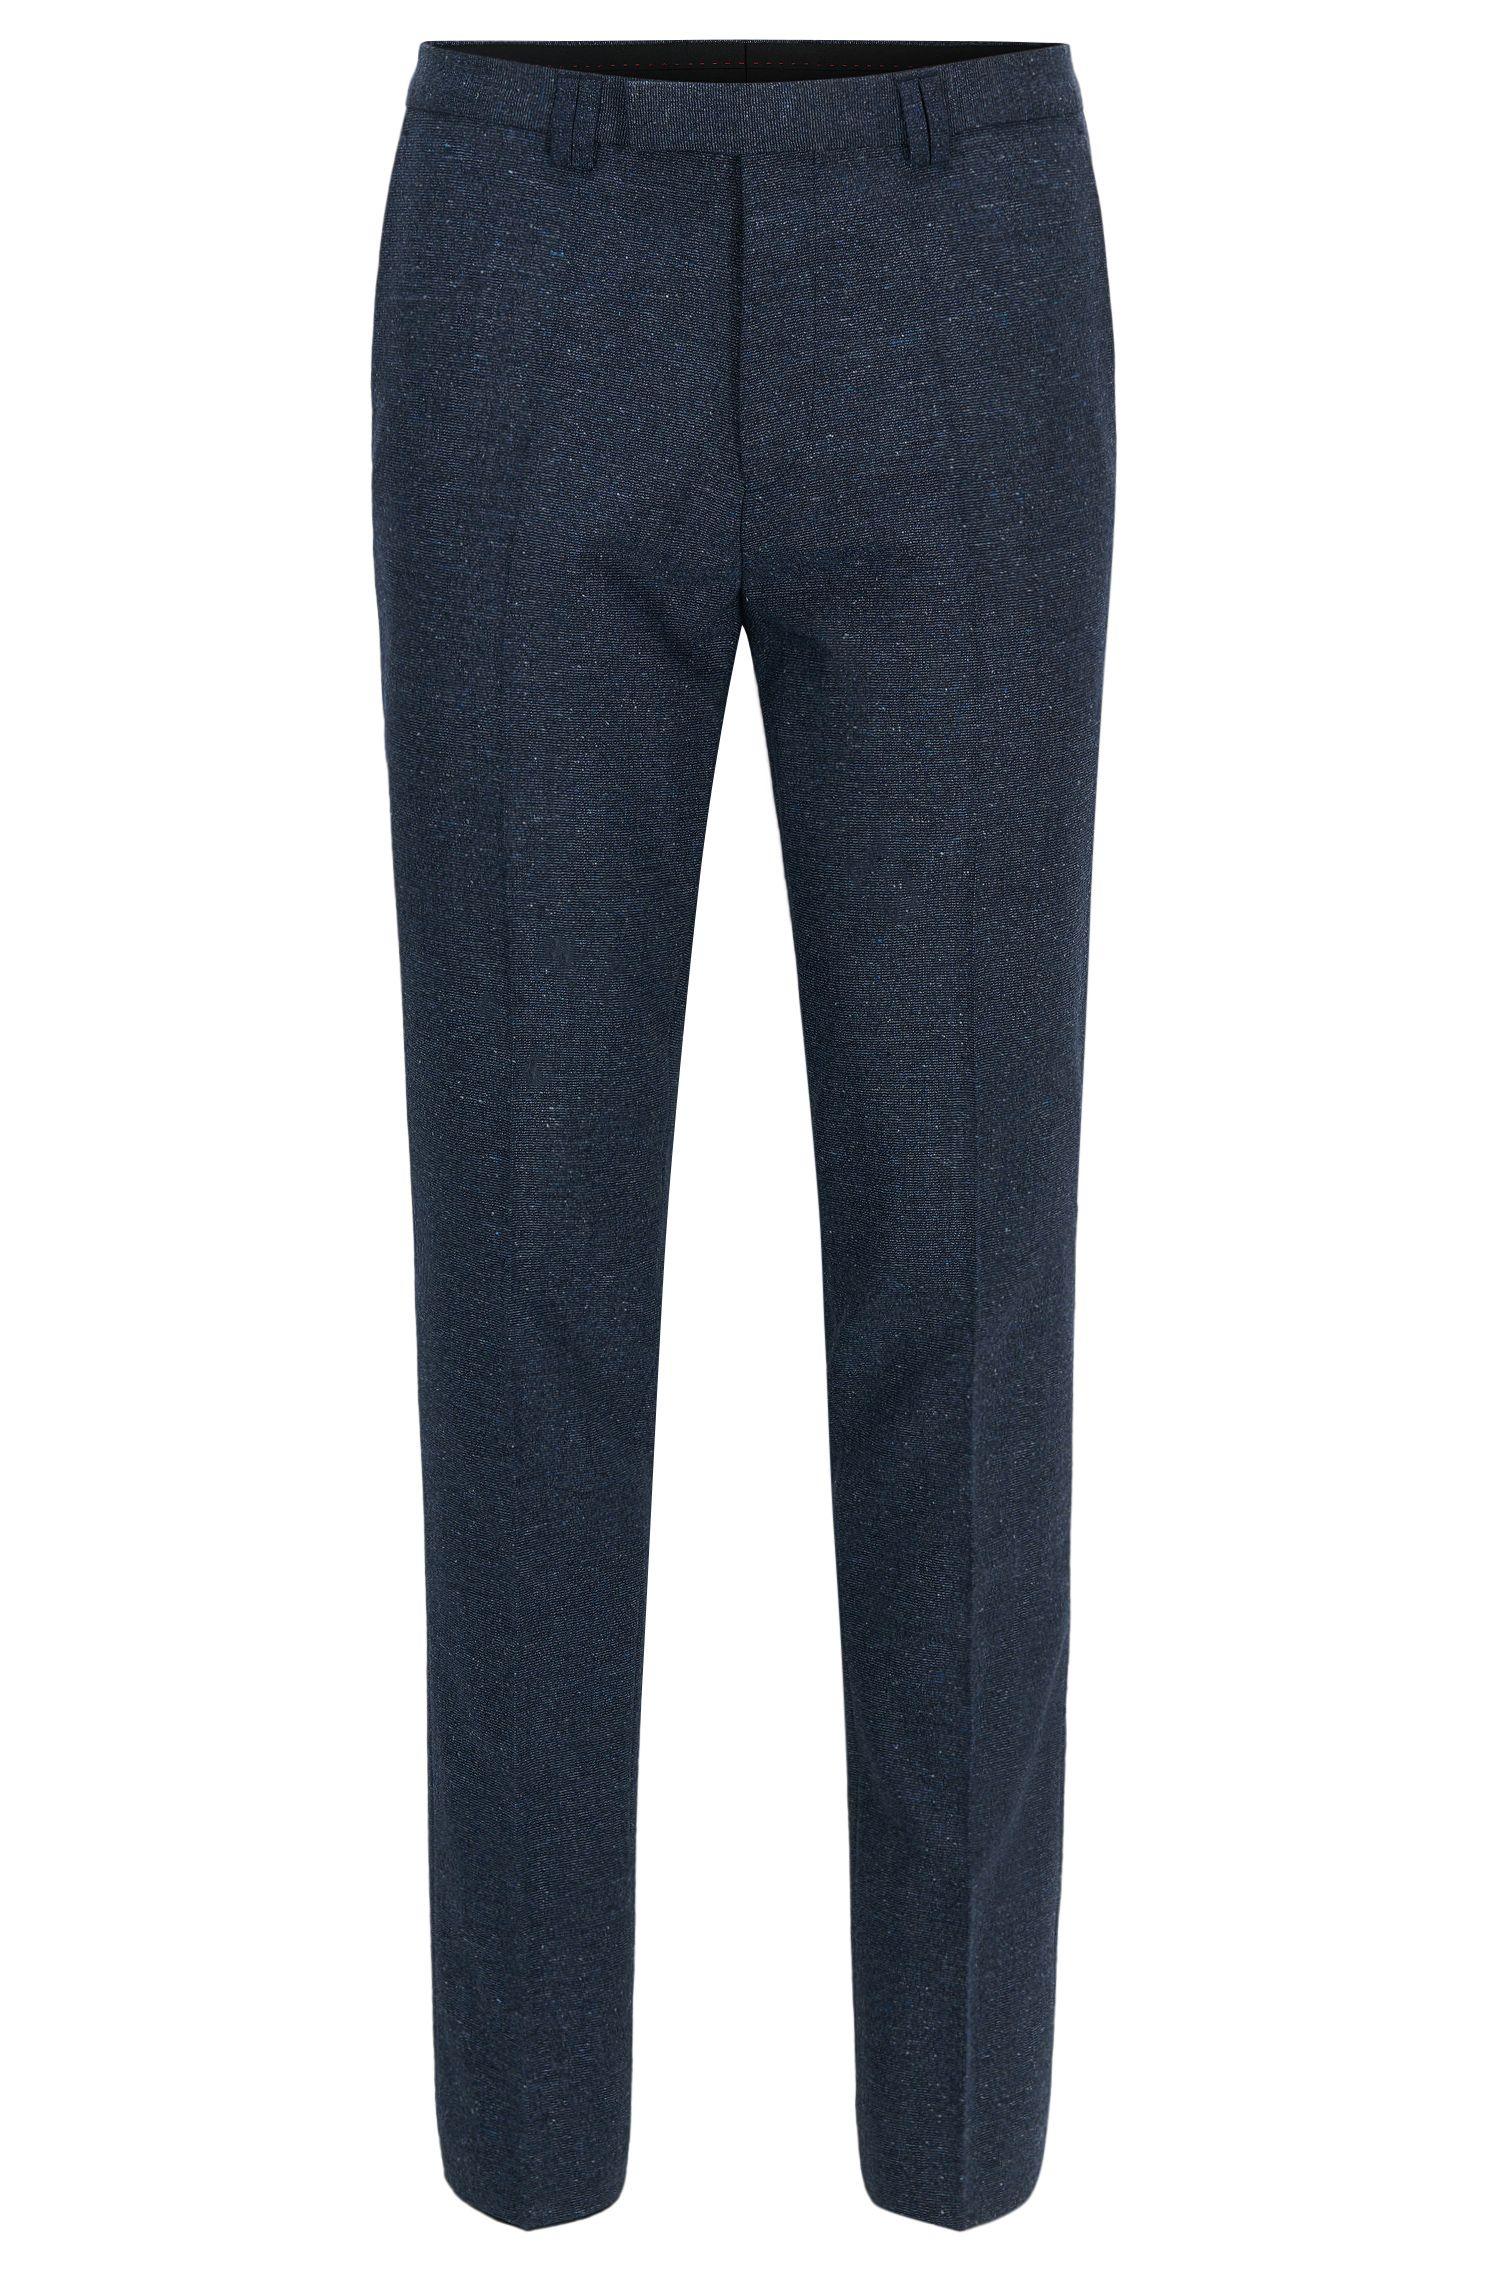 Wool Blend Pants, Extra Slim Fit | Hesten, Dark Blue